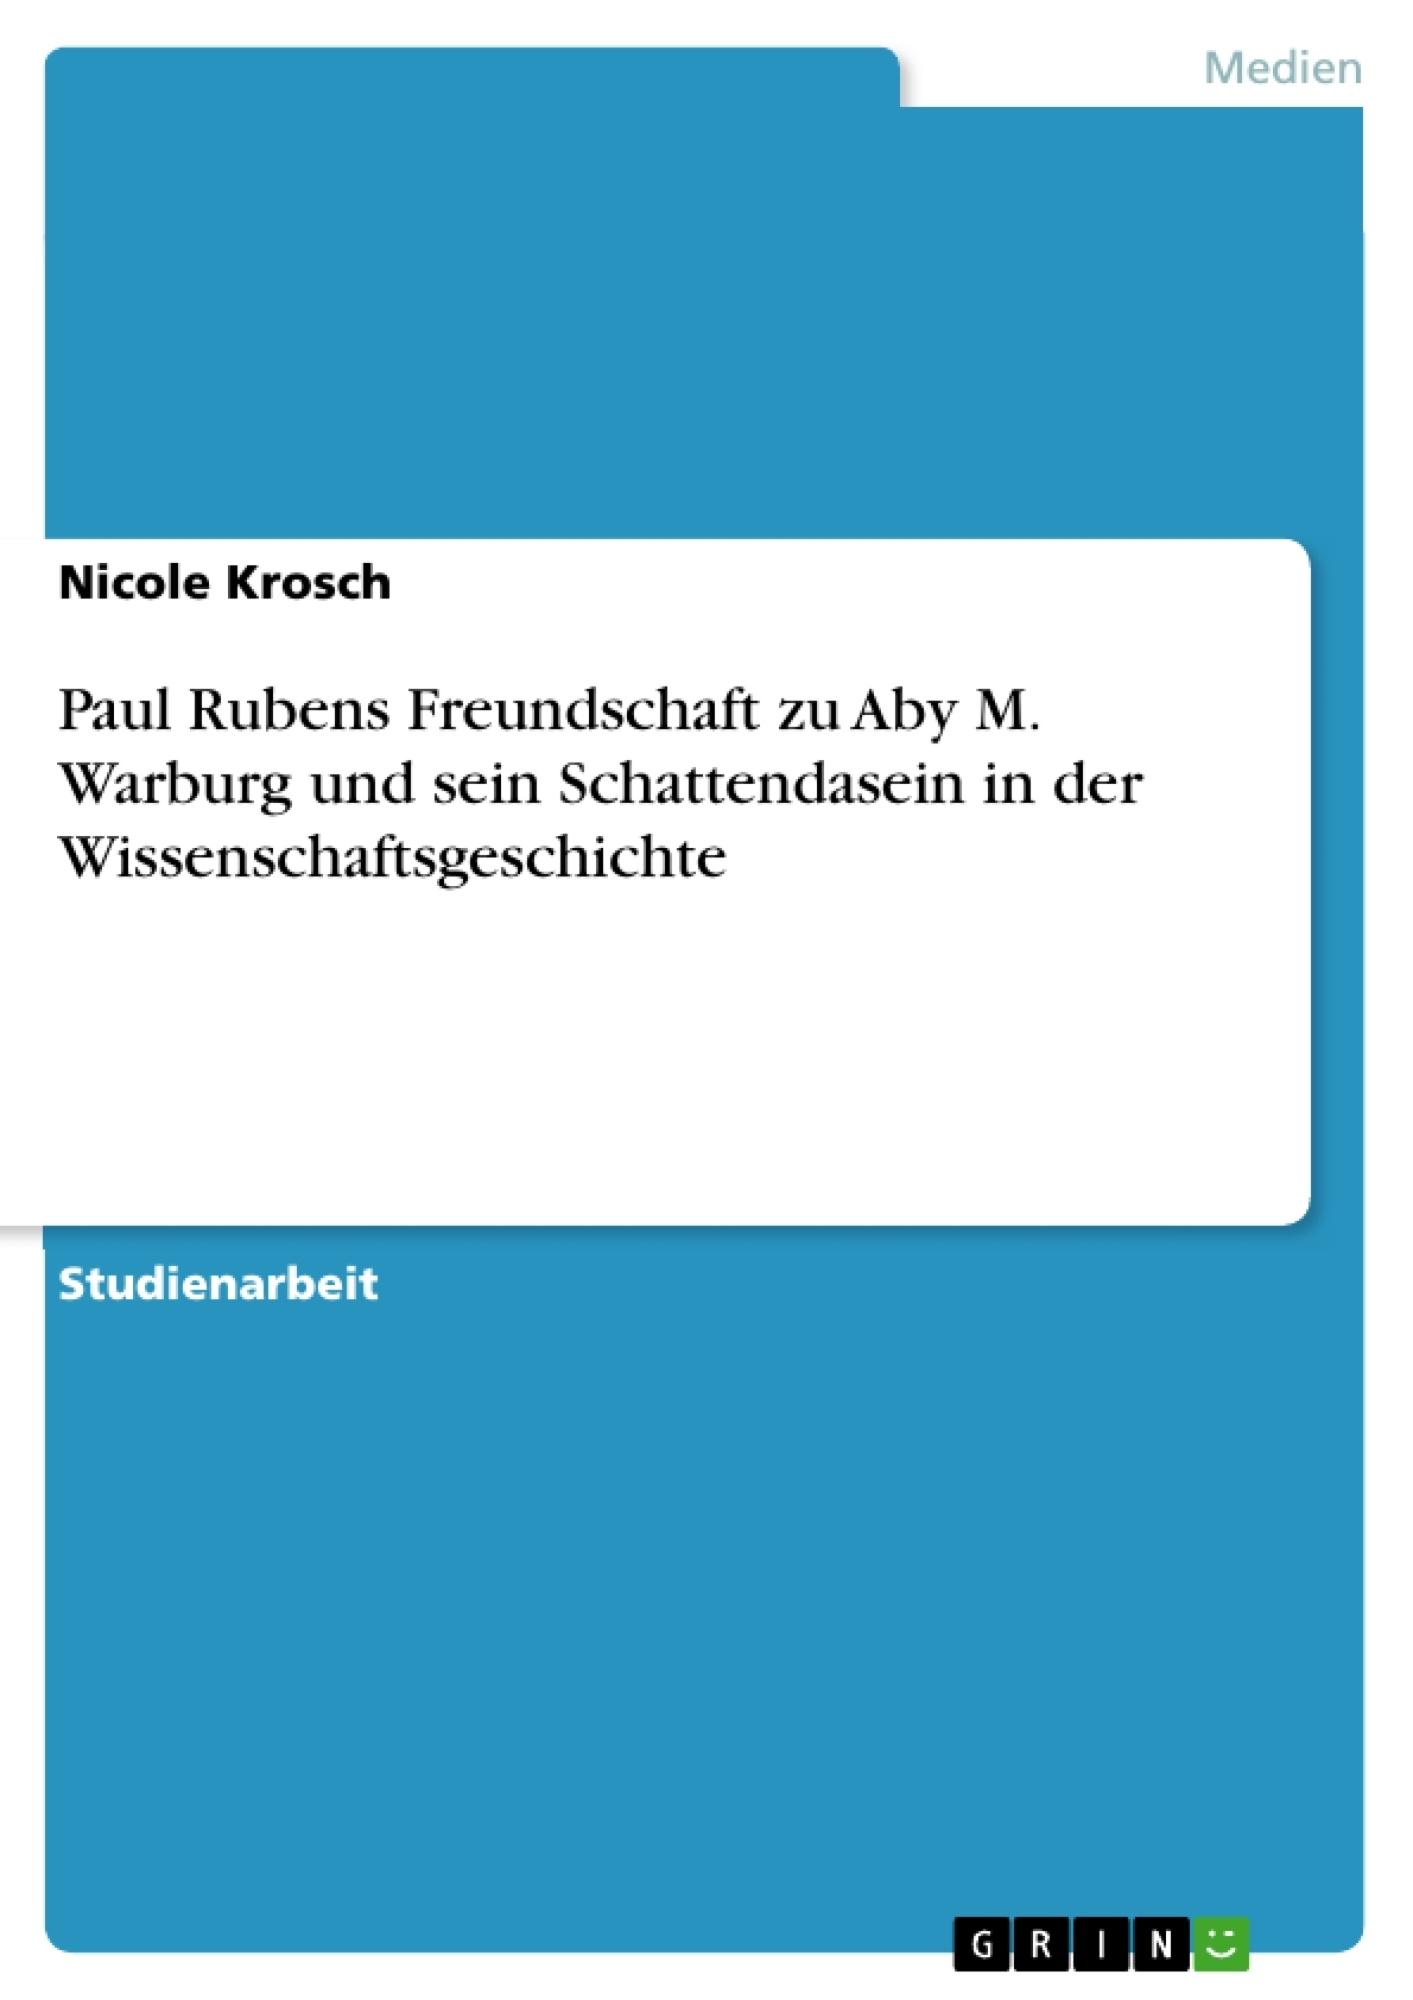 Titel: Paul Rubens Freundschaft zu Aby M. Warburg und sein Schattendasein in der Wissenschaftsgeschichte